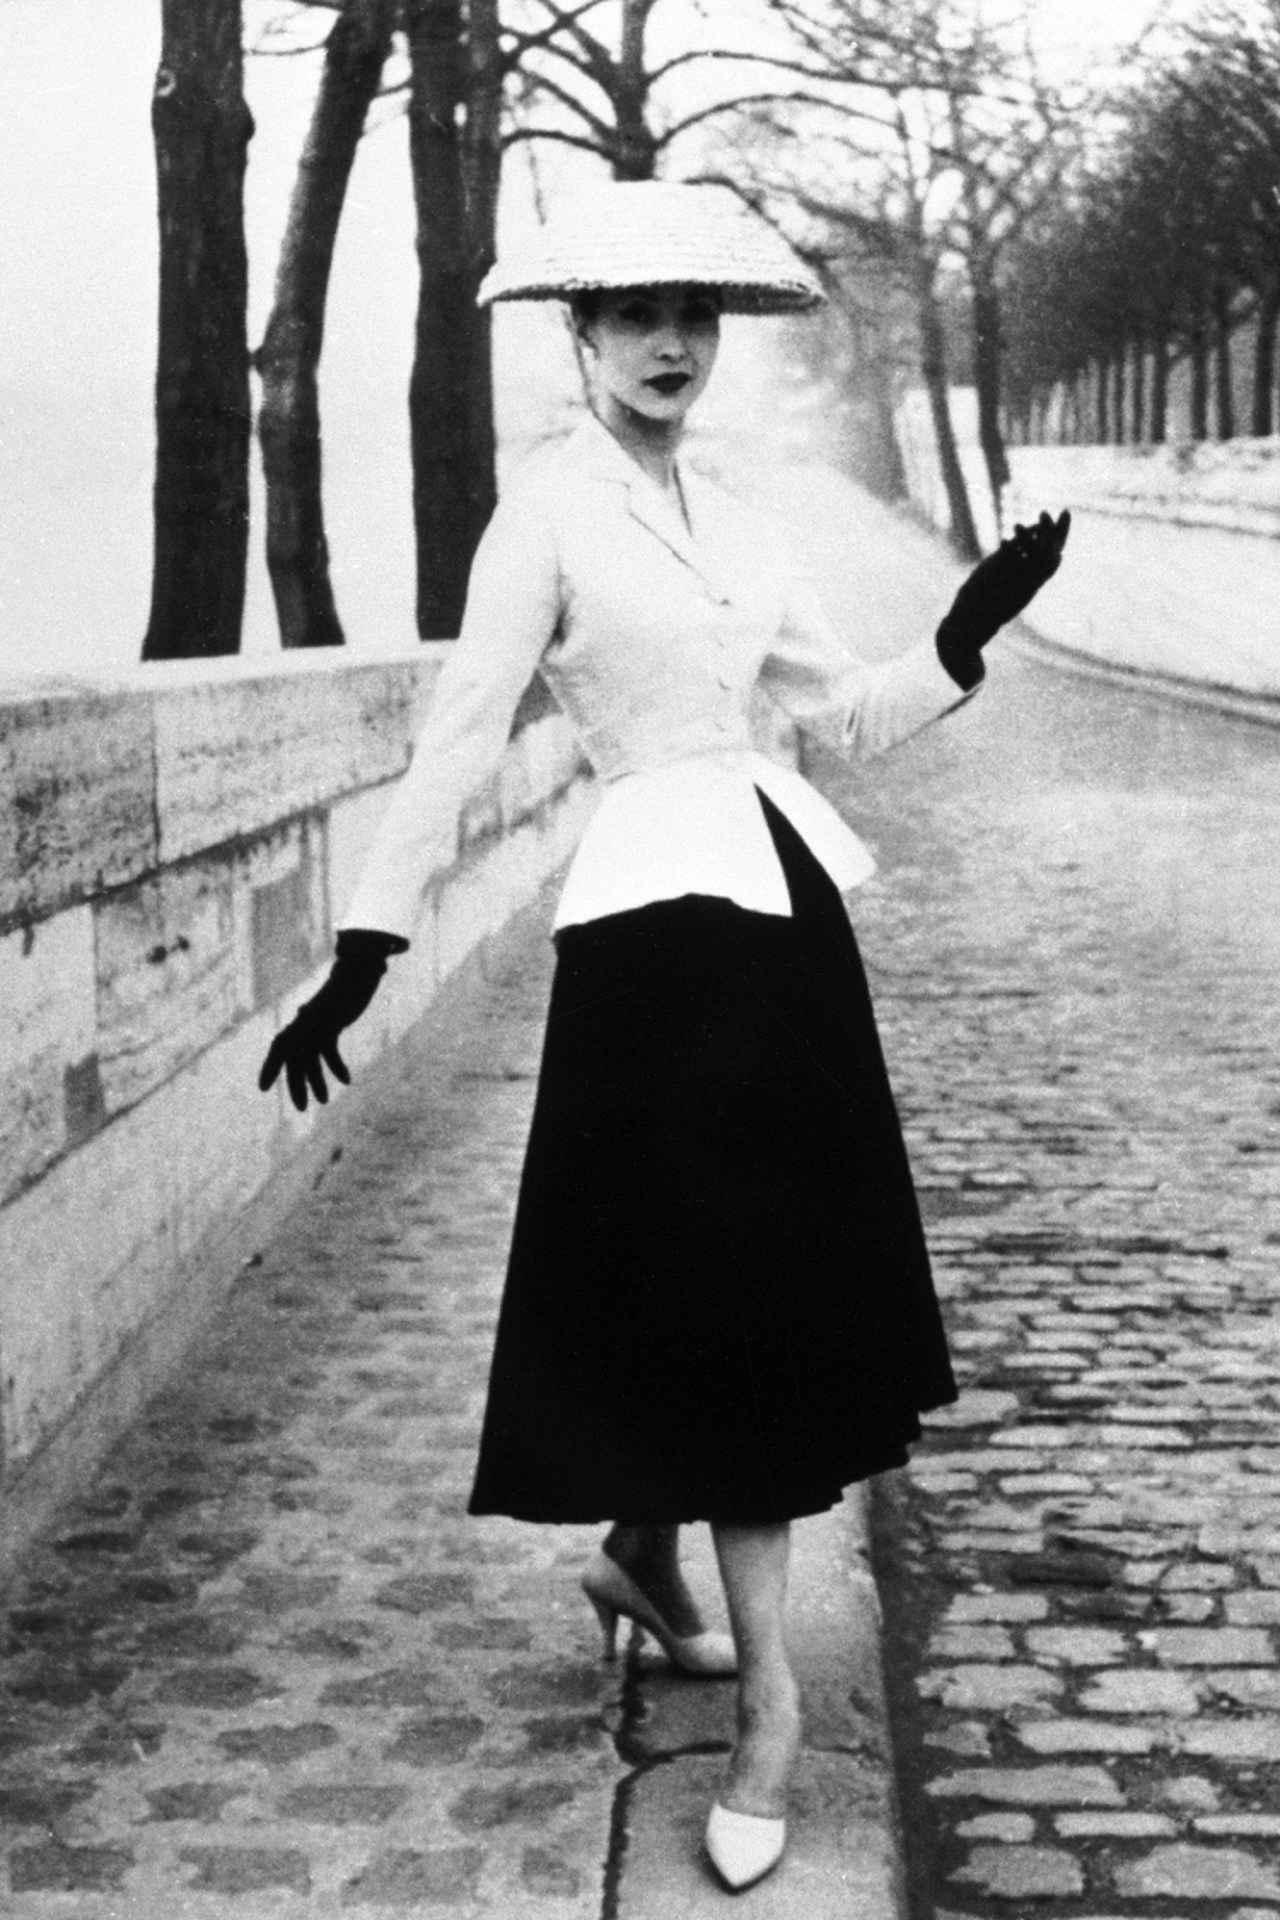 画像: ディオールが大流行させた「ニュー・ルック」。キュッとしまったウエストとふんわりと広がるAラインのスカートが作り出す、砂時計のようなシルエットが特徴。